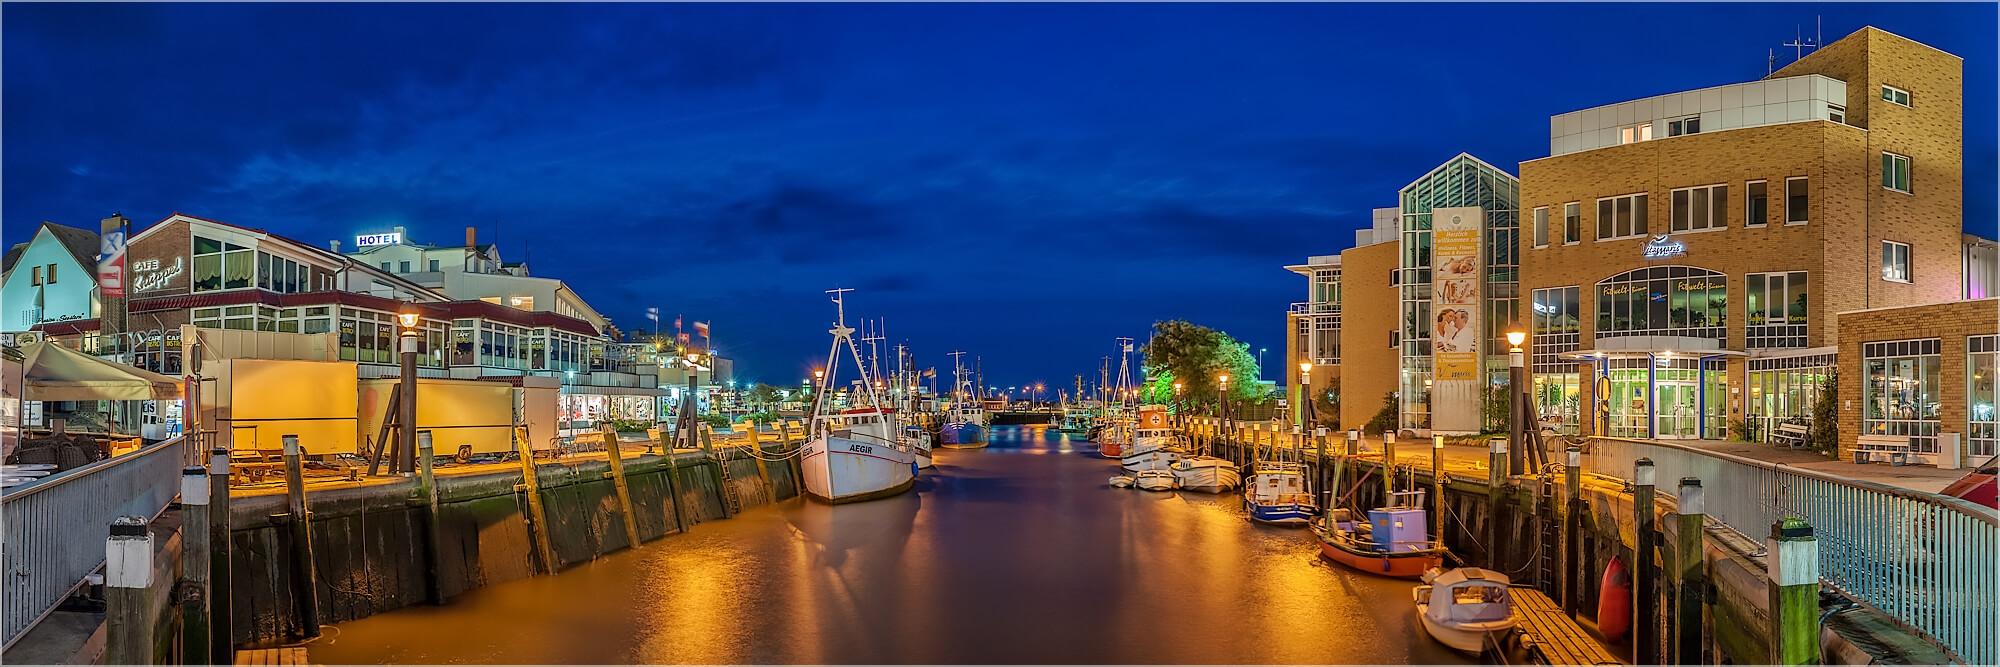 Panoramabild im Hafen von Büsum Nordsee